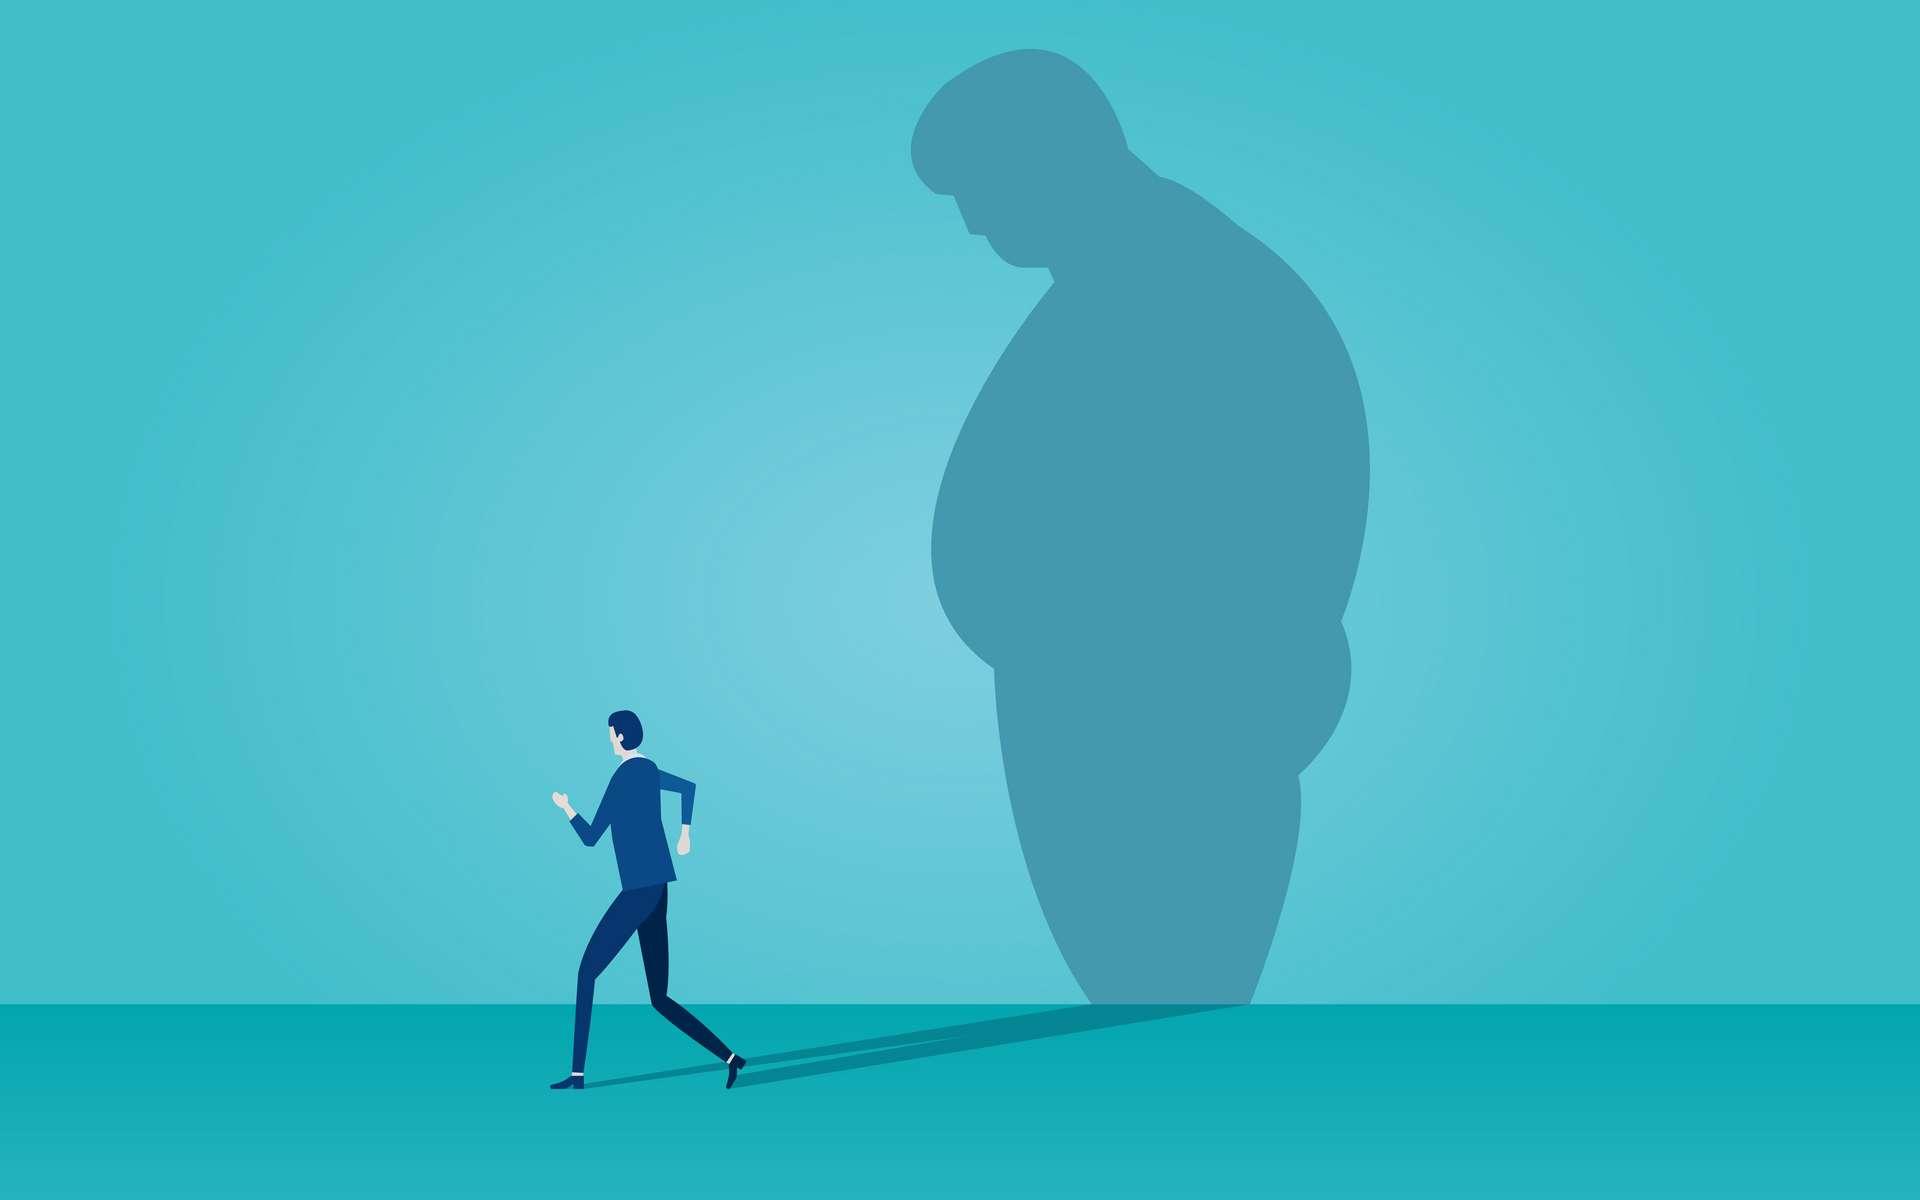 La fait d'être inactif augmente considérablement votre risque de contracter une forme grave de la Covid-19. © Feodora, Adobe Stock